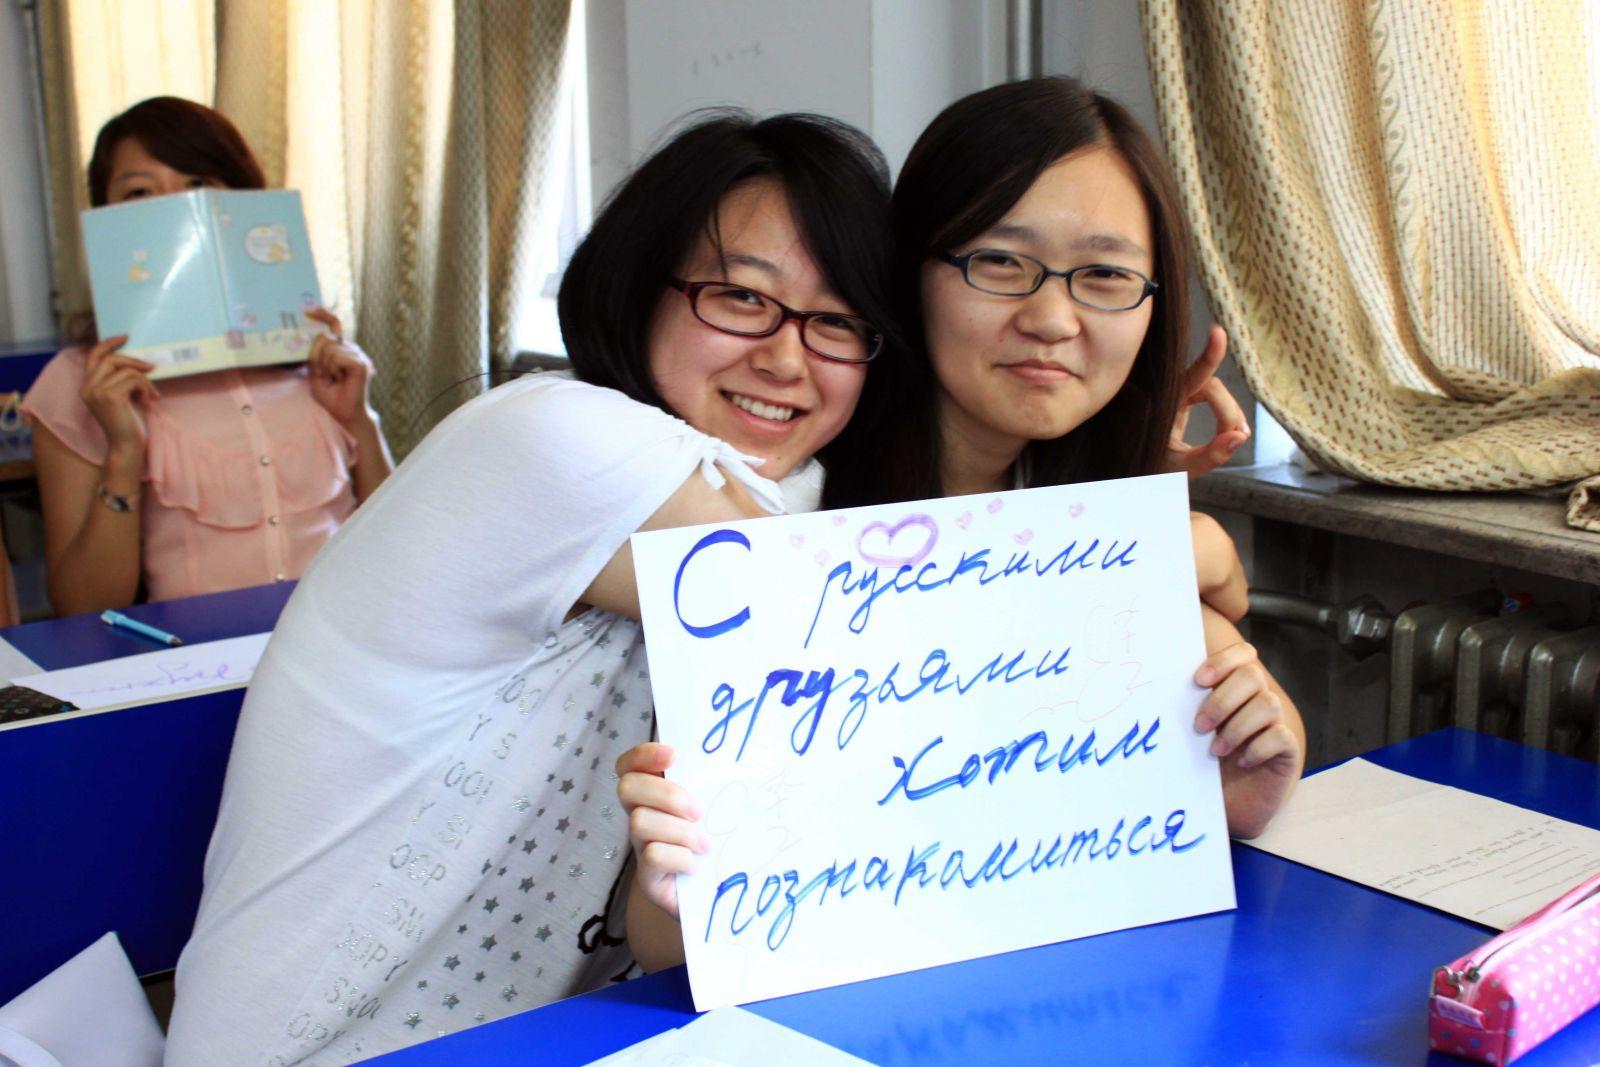 Познакомиться с китаянкой 4 фотография